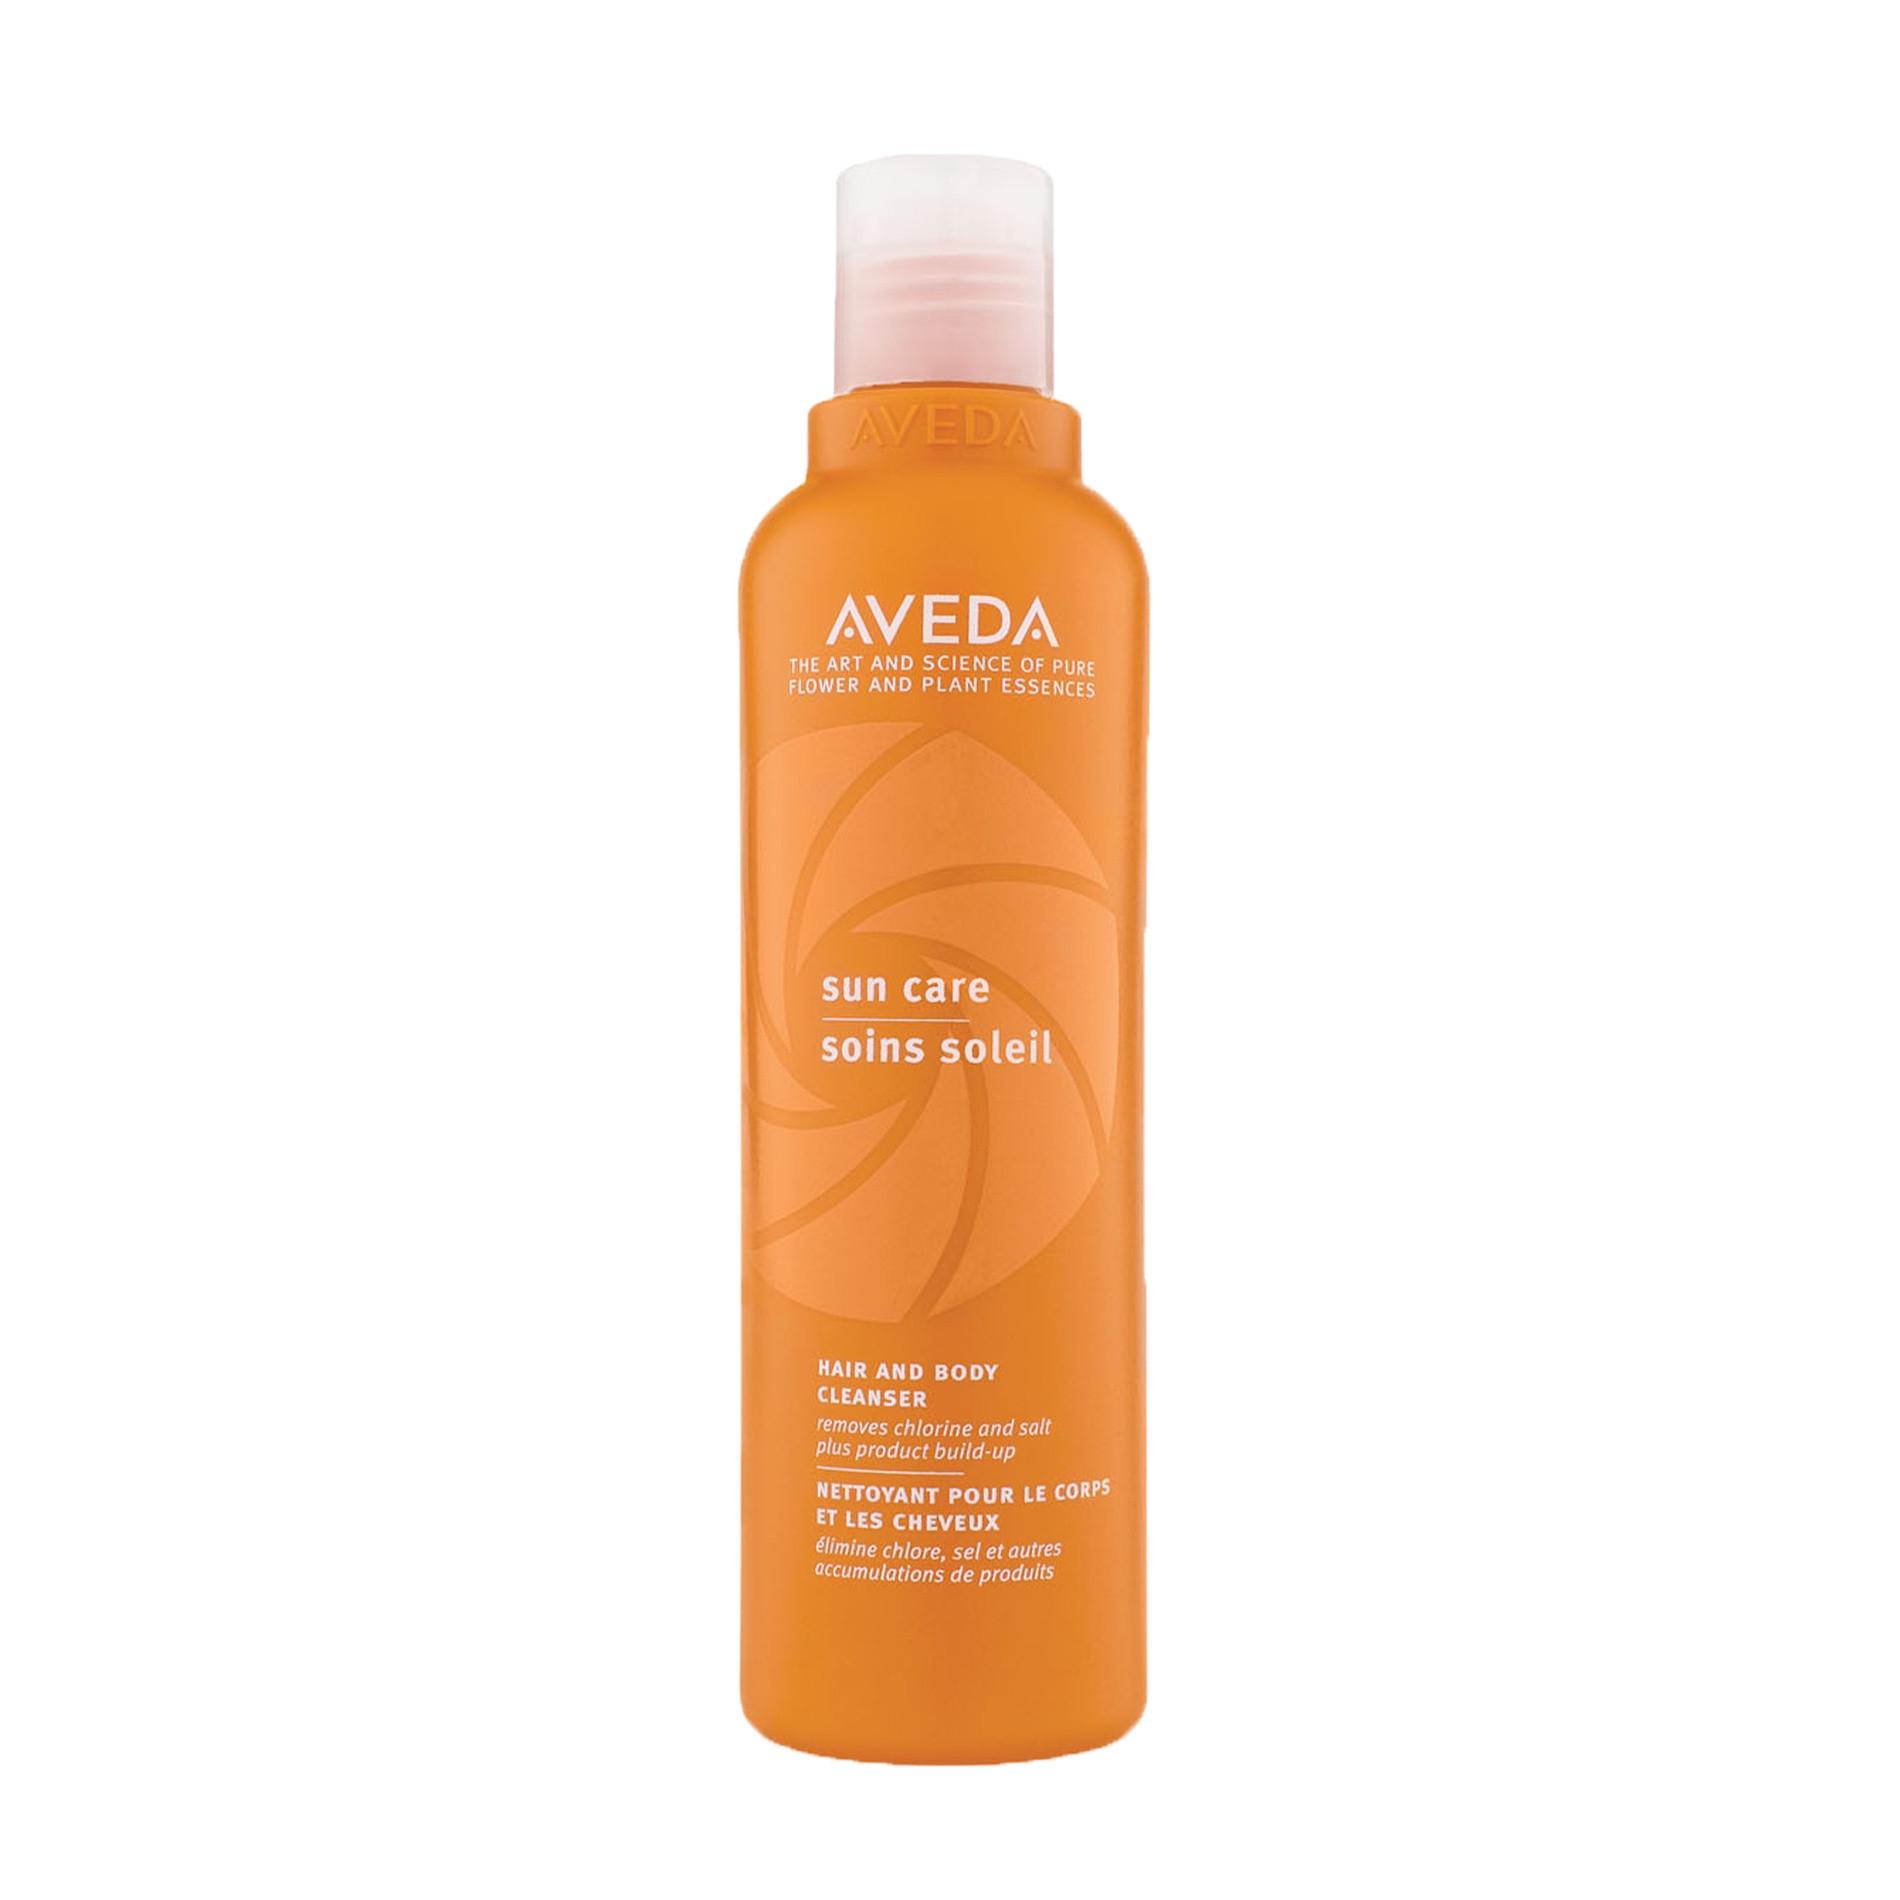 Aveda suncare docciaschiuma corpo e capelli mare e piscina 250 ml, Arancione, large image number 0